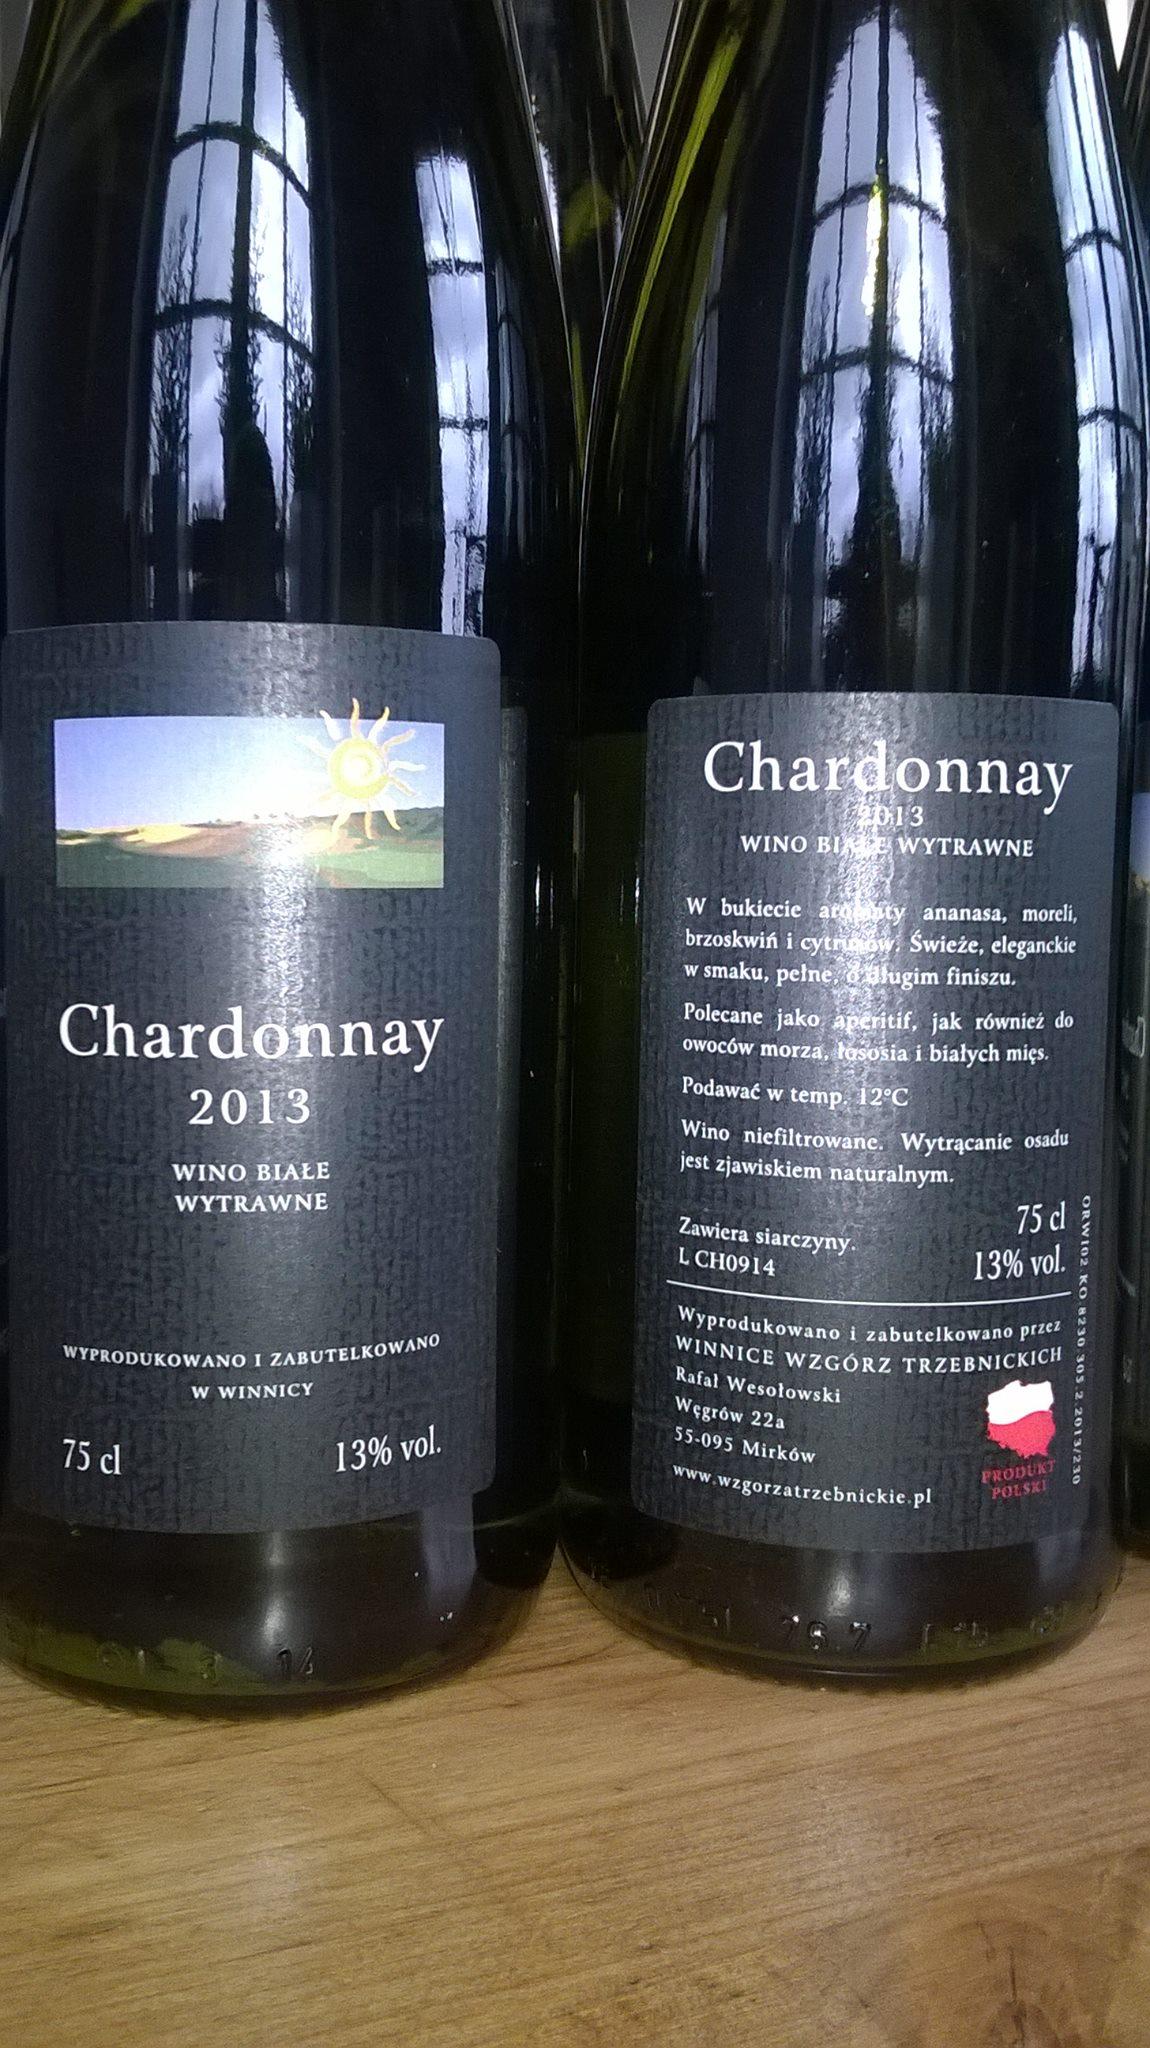 Winnice Wzgórz Trzebnickich